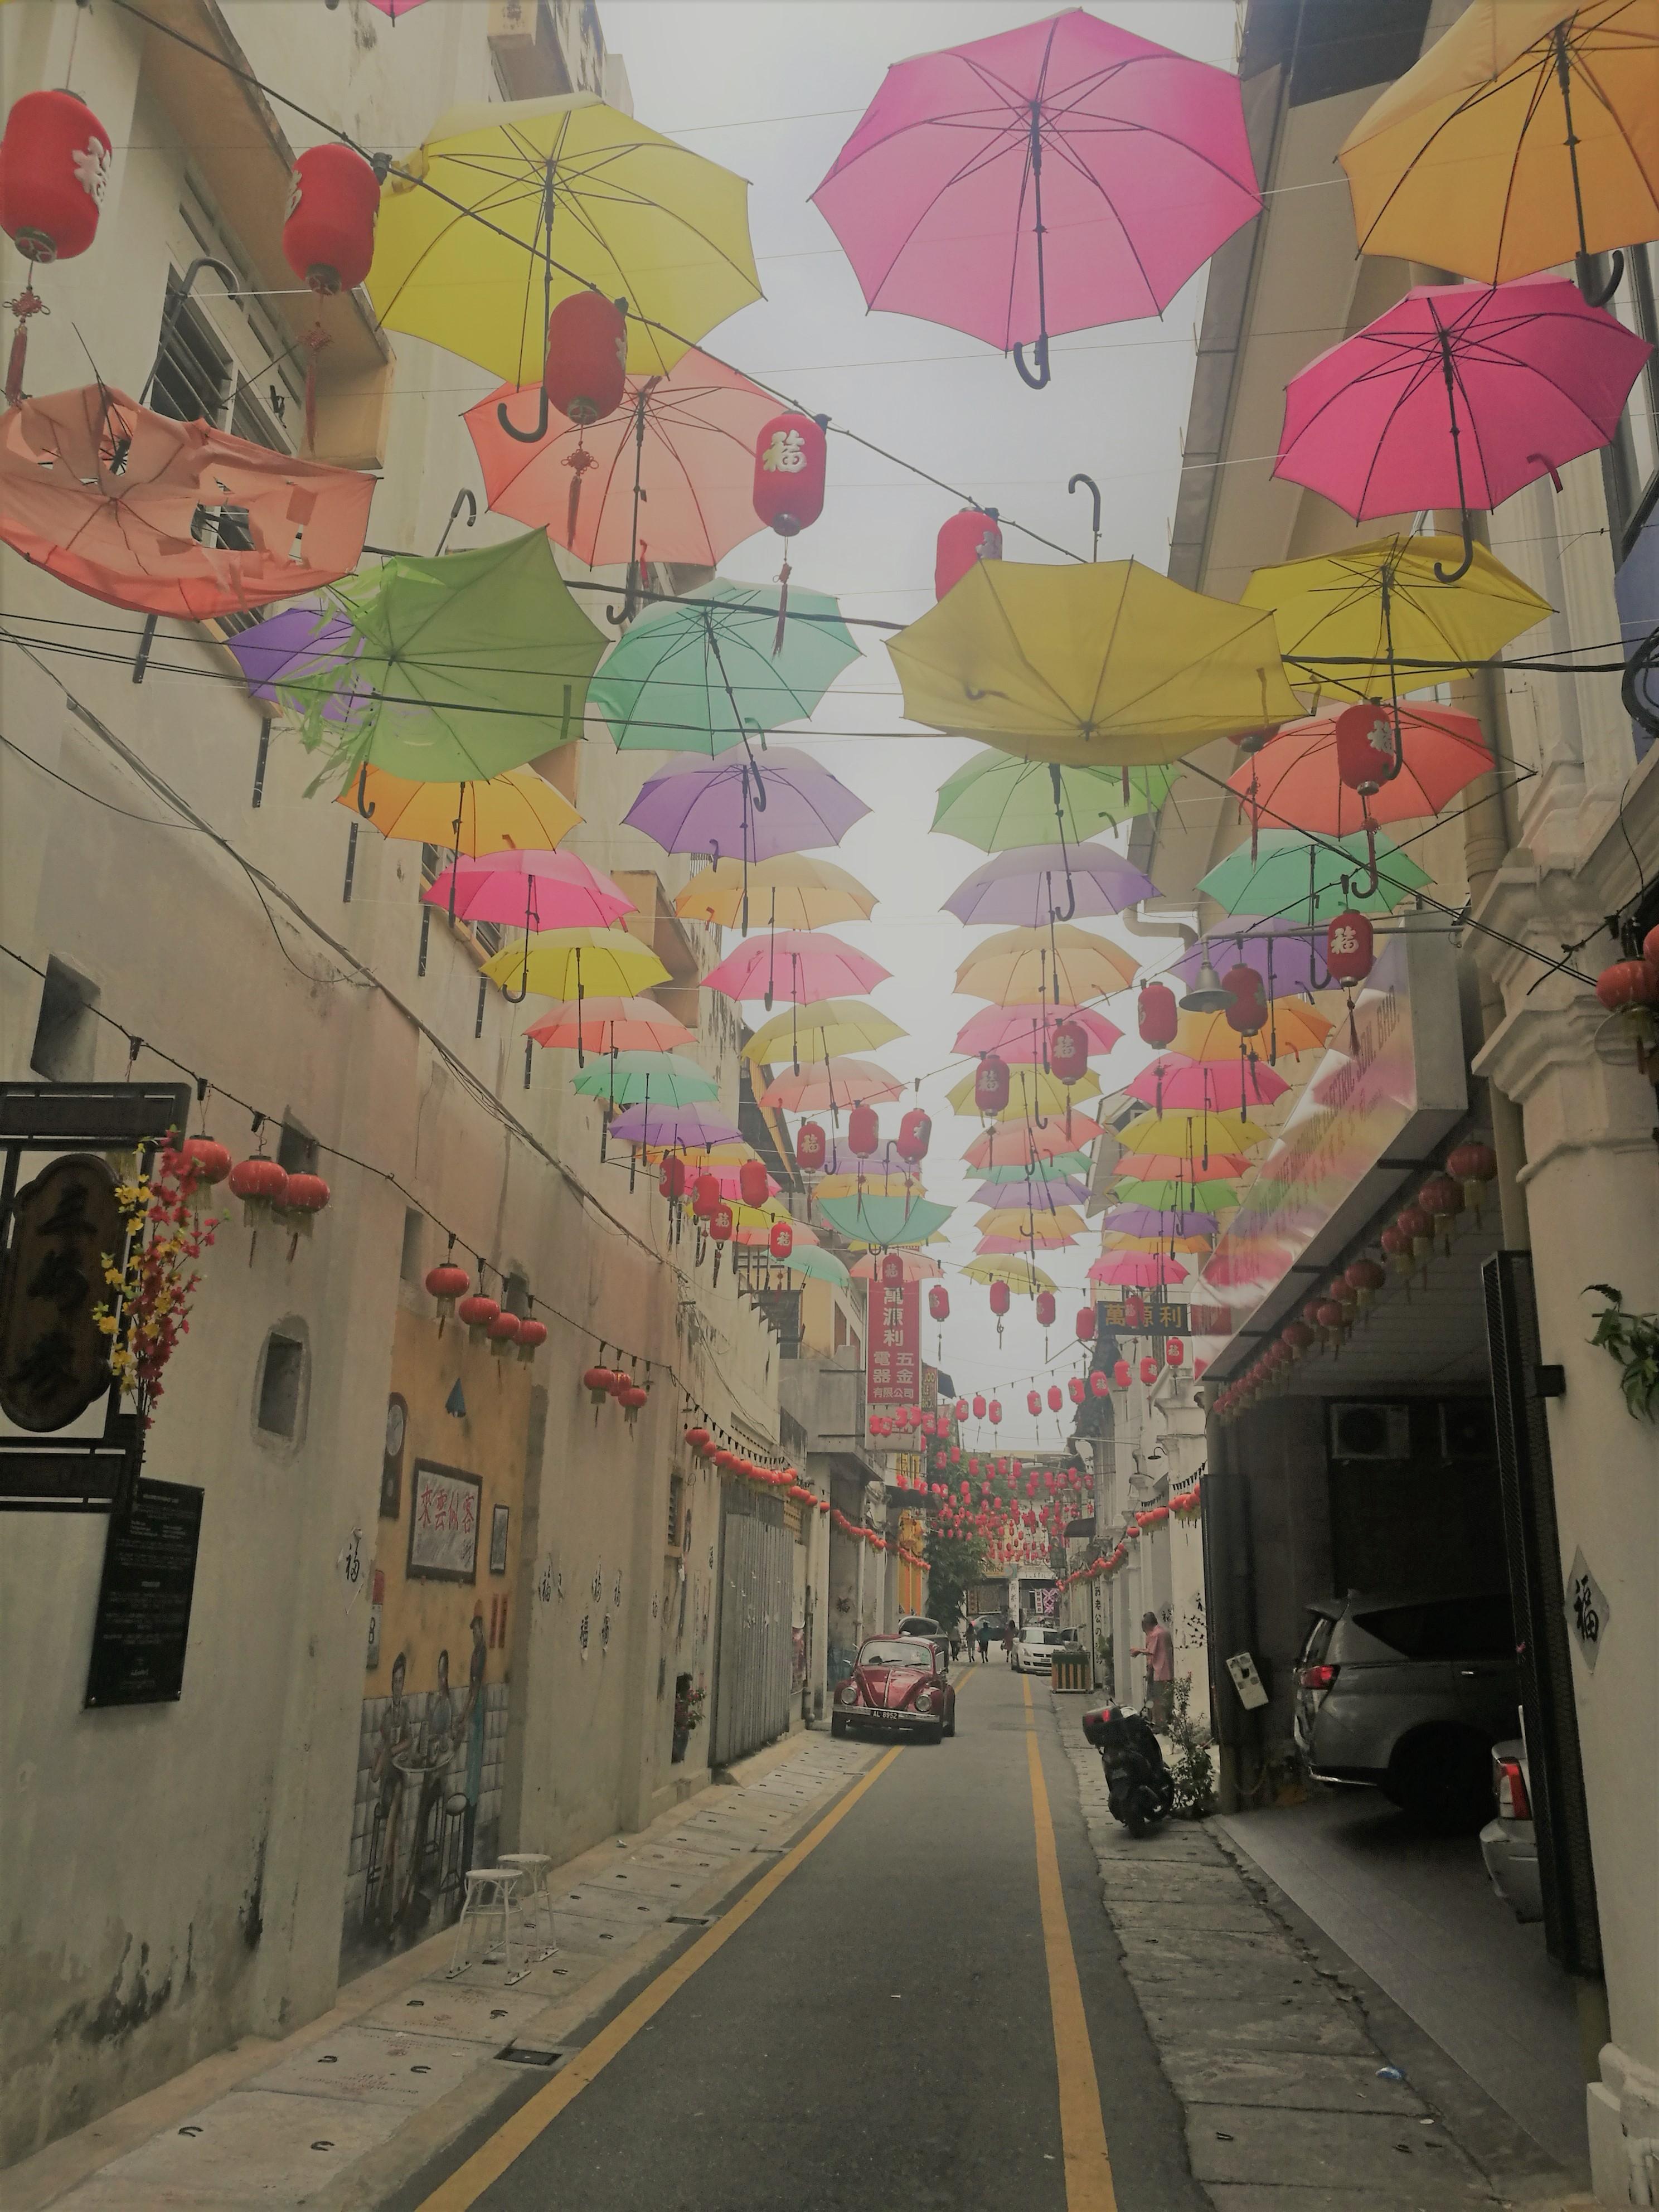 イポーの傘のインスタレーションの写真